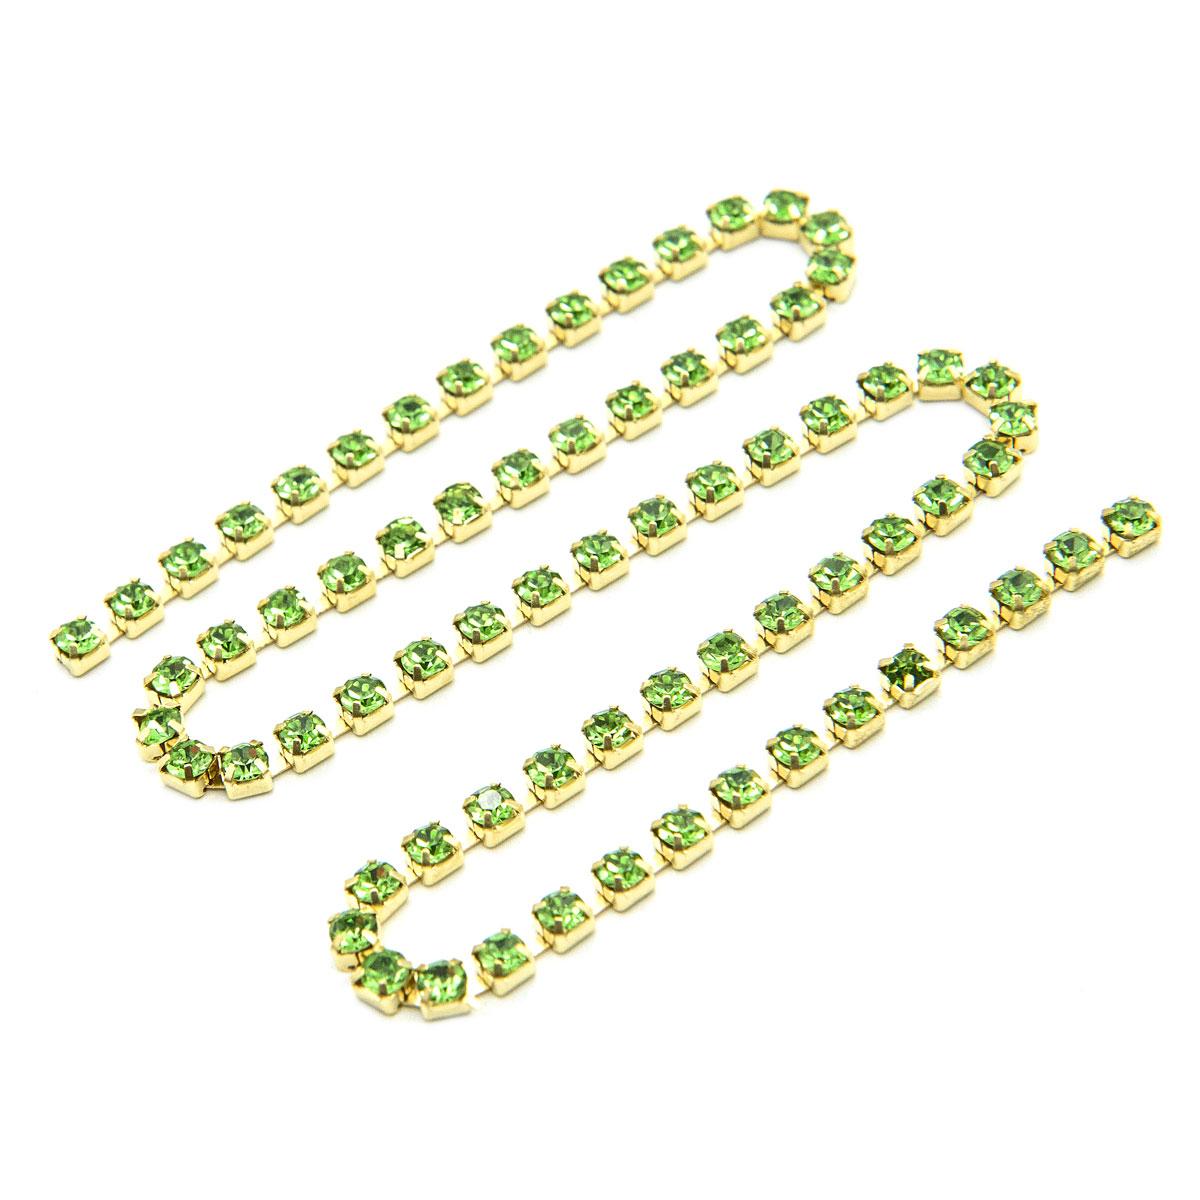 ЦС009ЗЦ3 Стразовые цепочки (золото), цвет: зеленый, размер 3 мм, 30 см/упак.